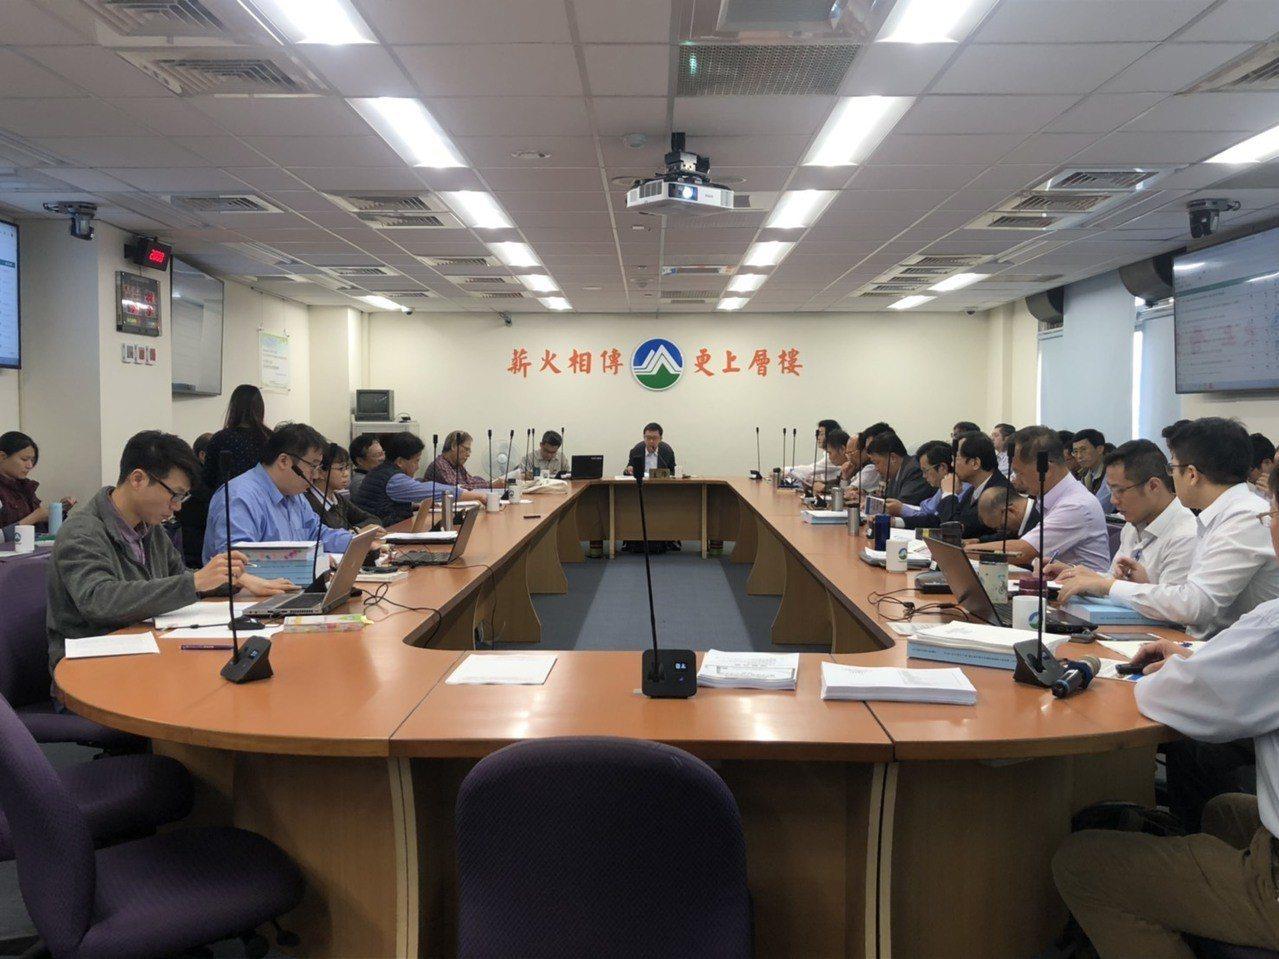 環保署今天舉辦「核能一廠除役計畫」第三次環評初審會議。記者侯俐安/攝影